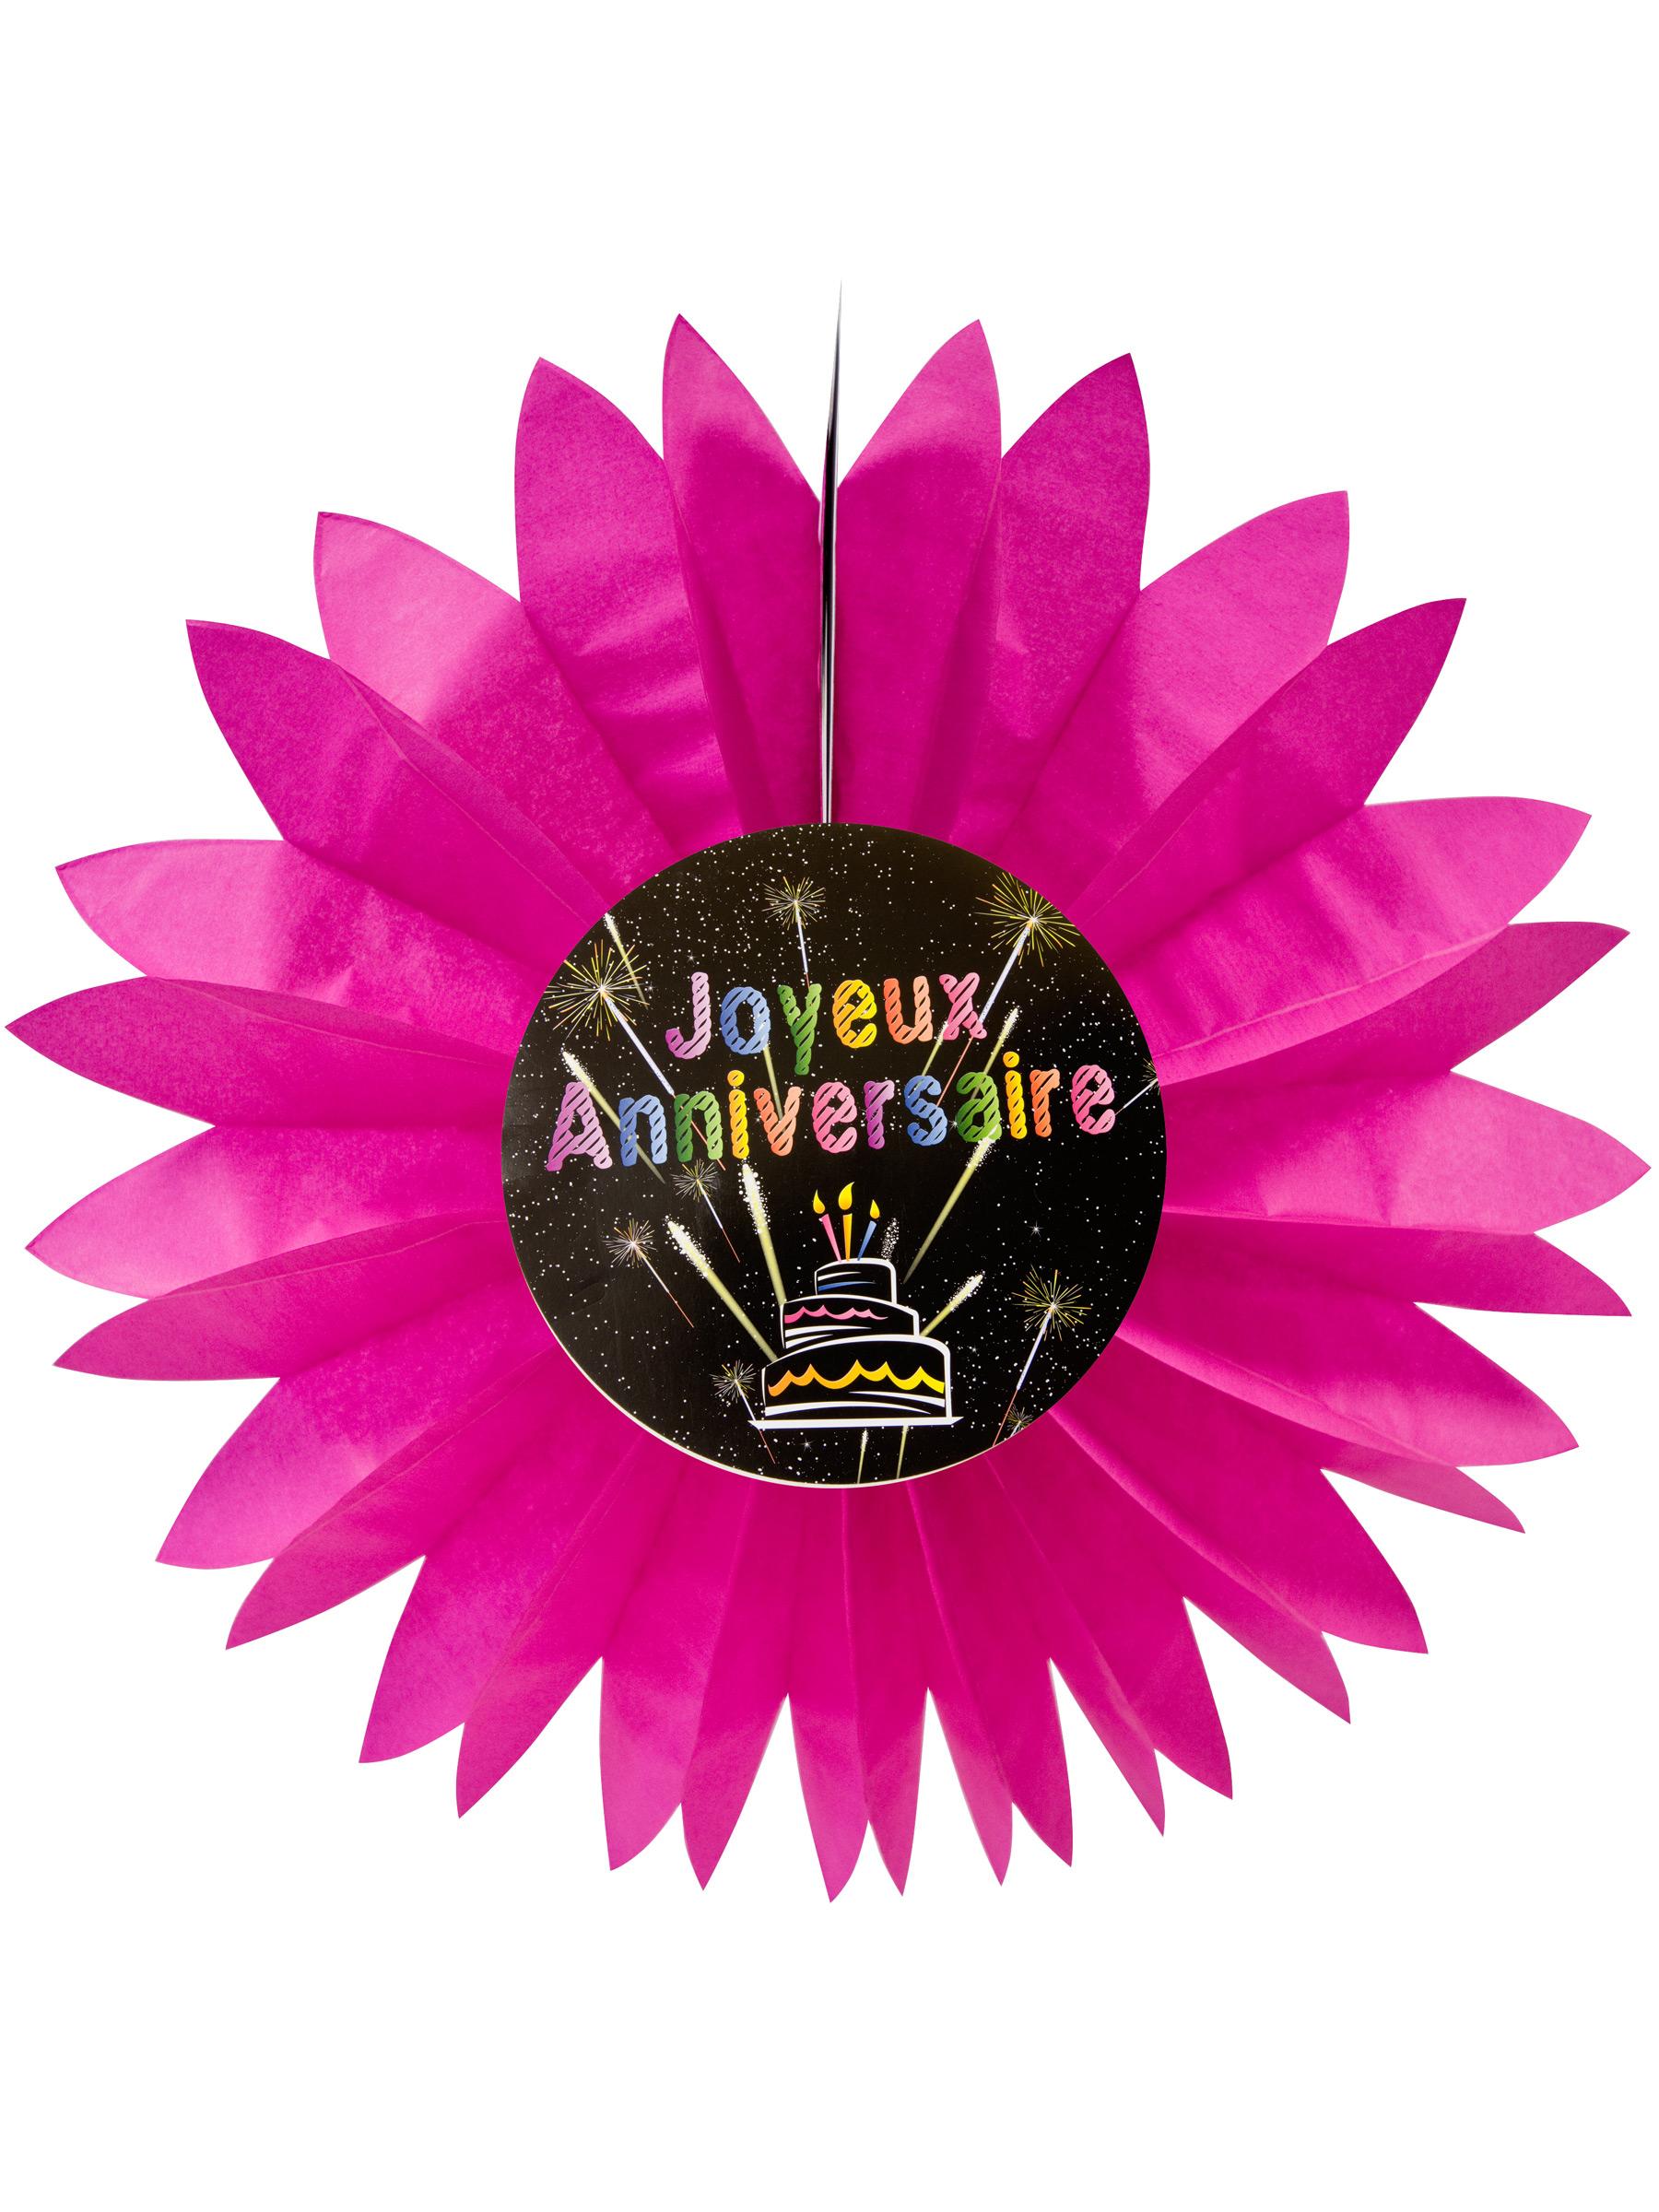 Eventail Papier Joyeux Anniversaire Feux D Artifice Rose 50 Cm